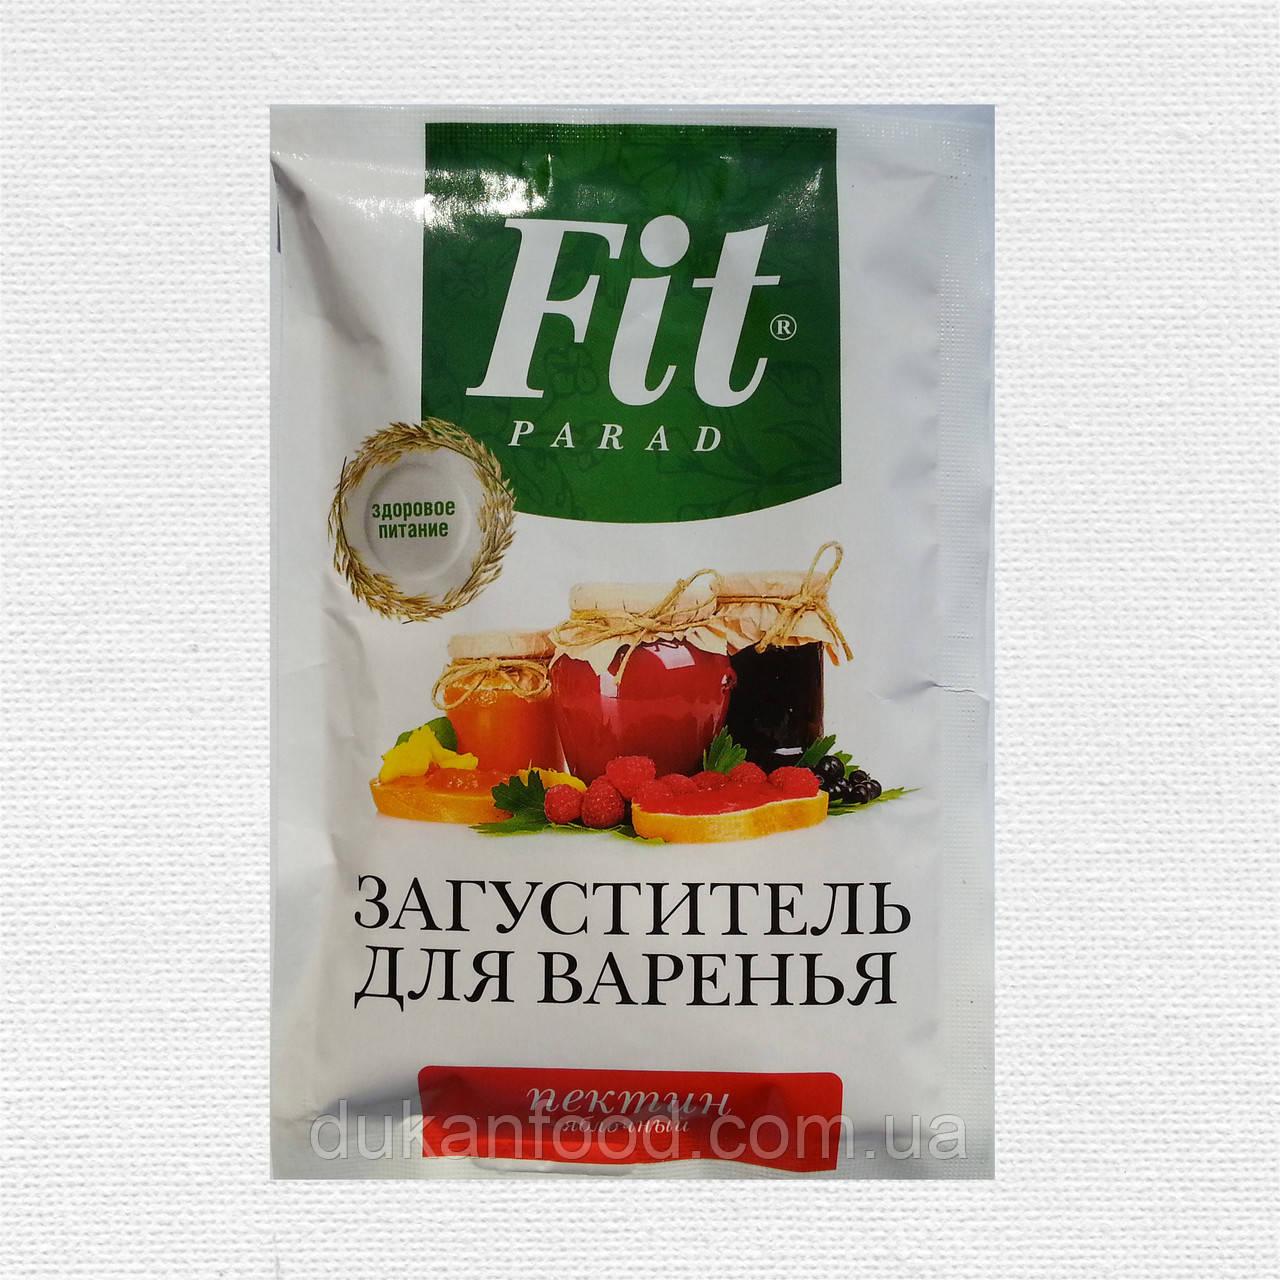 продукты для диеты дюкана интернет магазин новосибирск